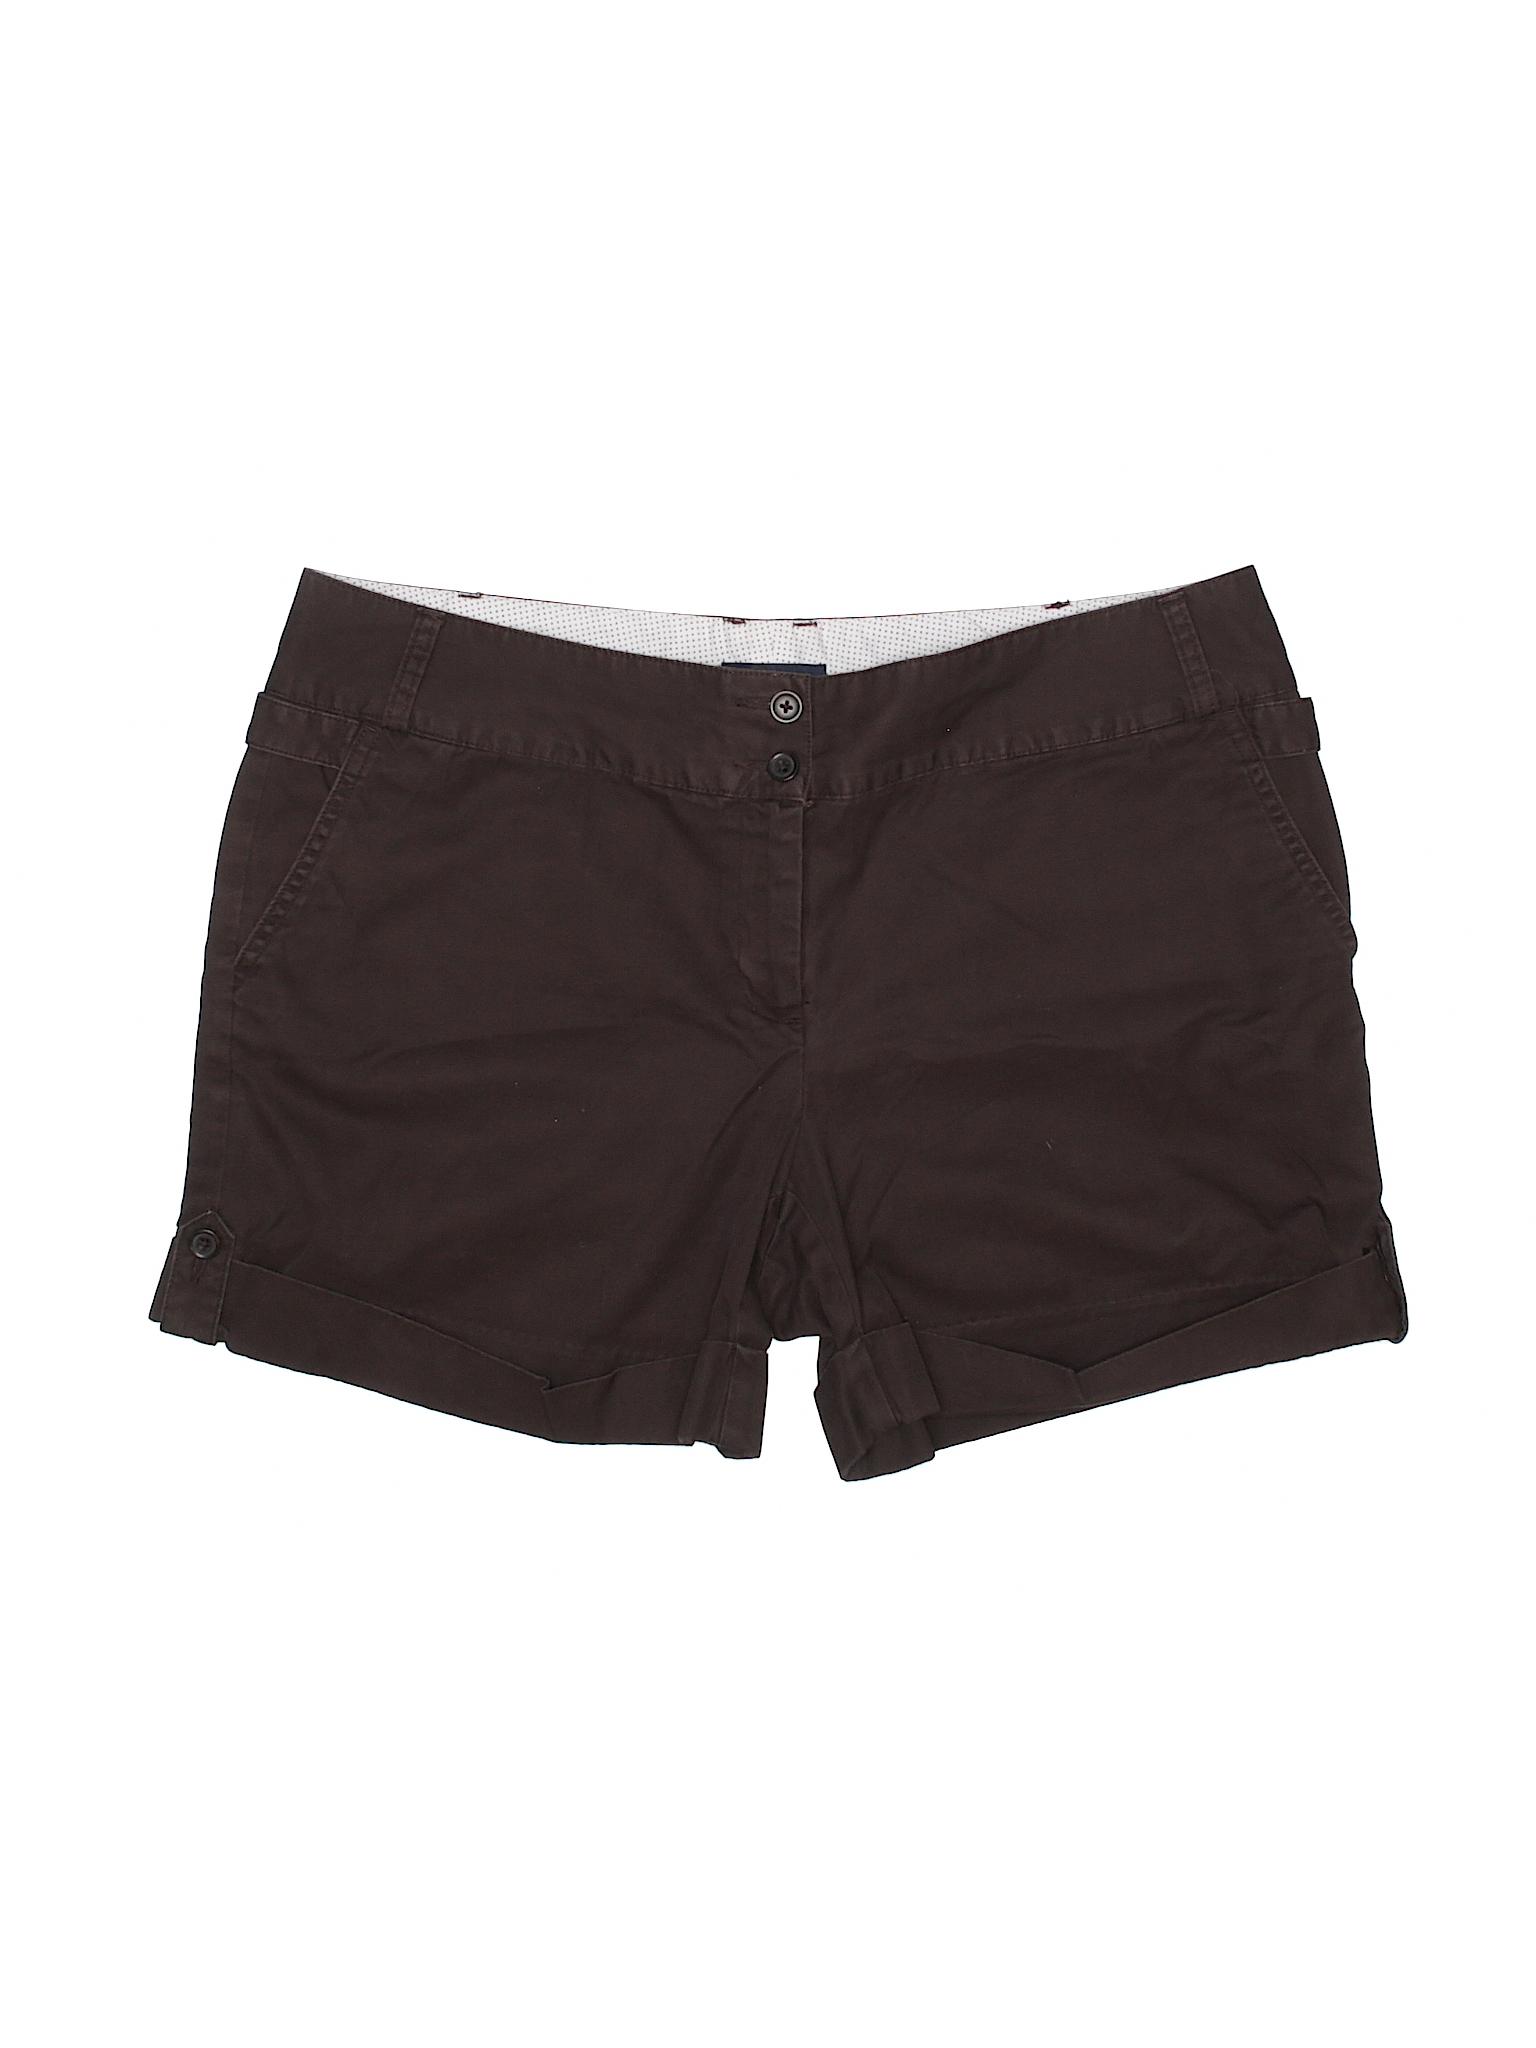 winter End Shorts Khaki Boutique Lands' gaqx8H